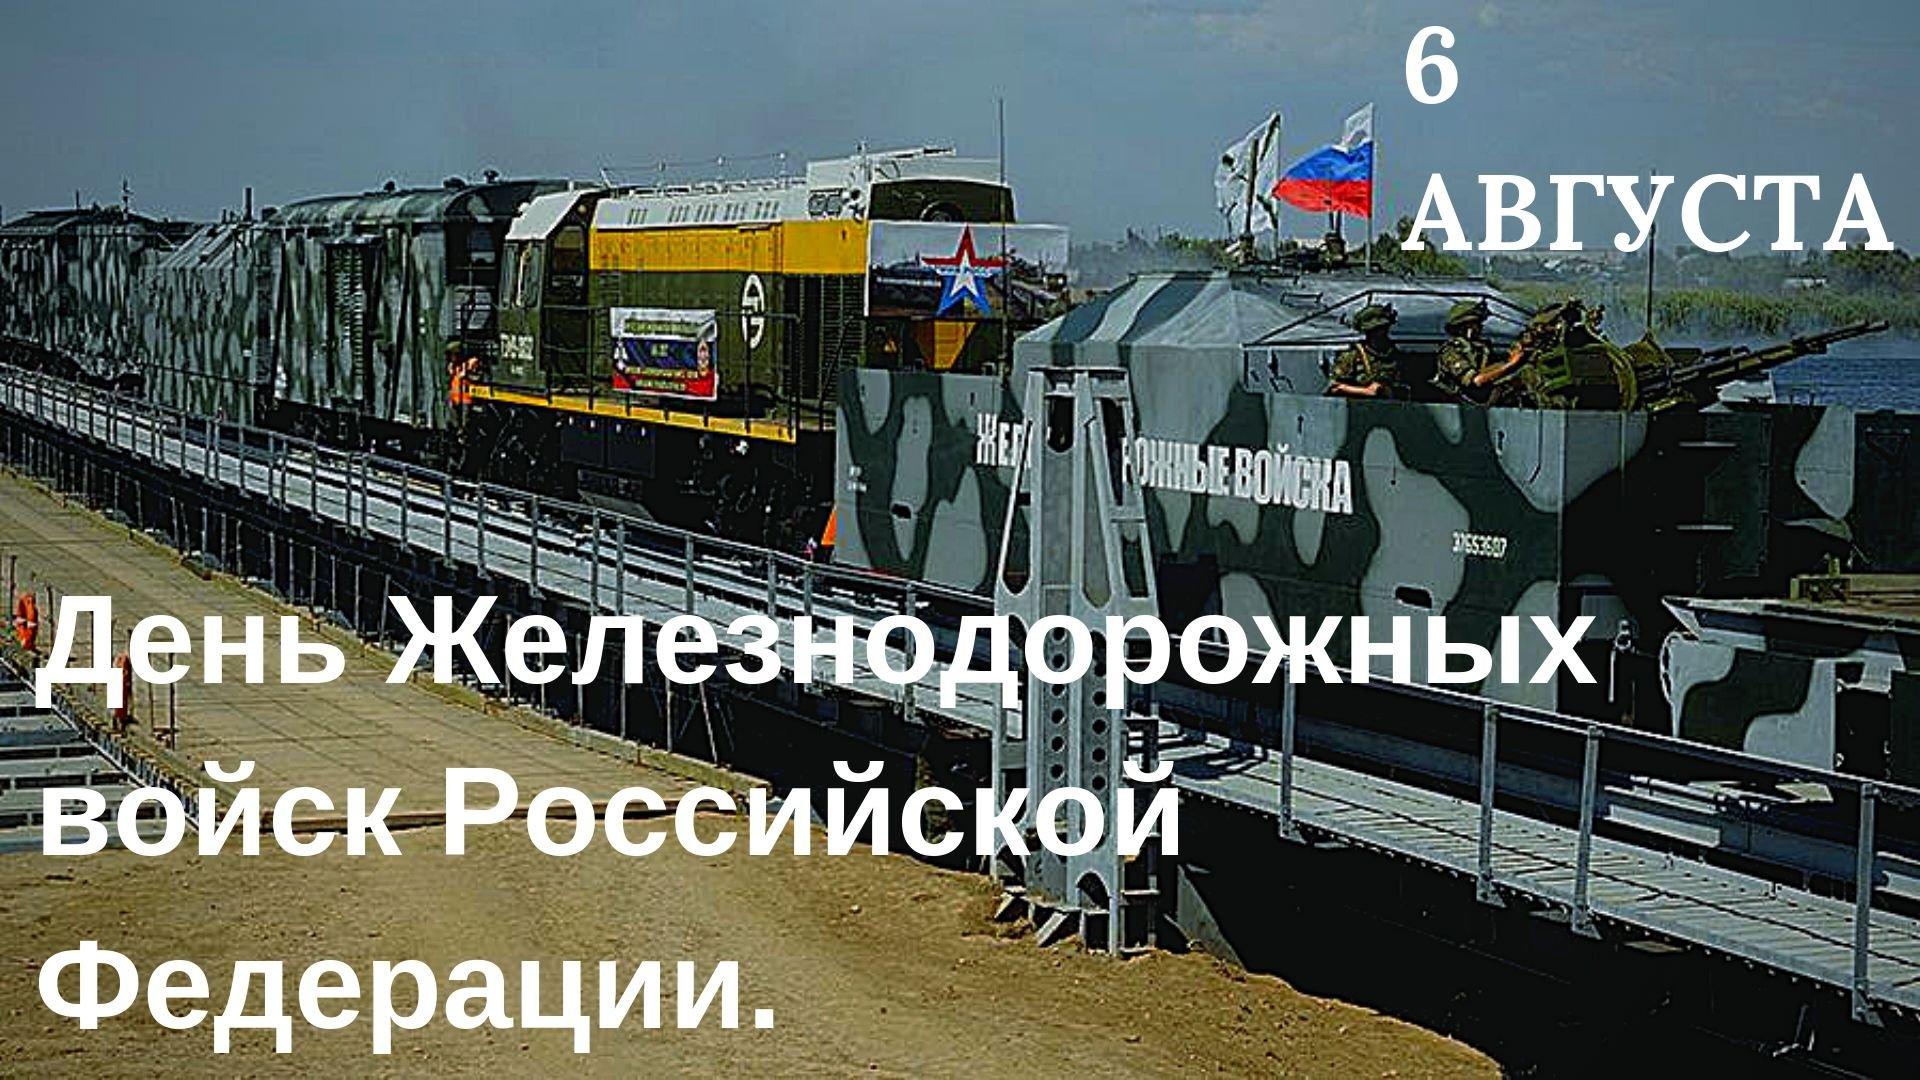 фото поздравления с днем железнодорожных войск